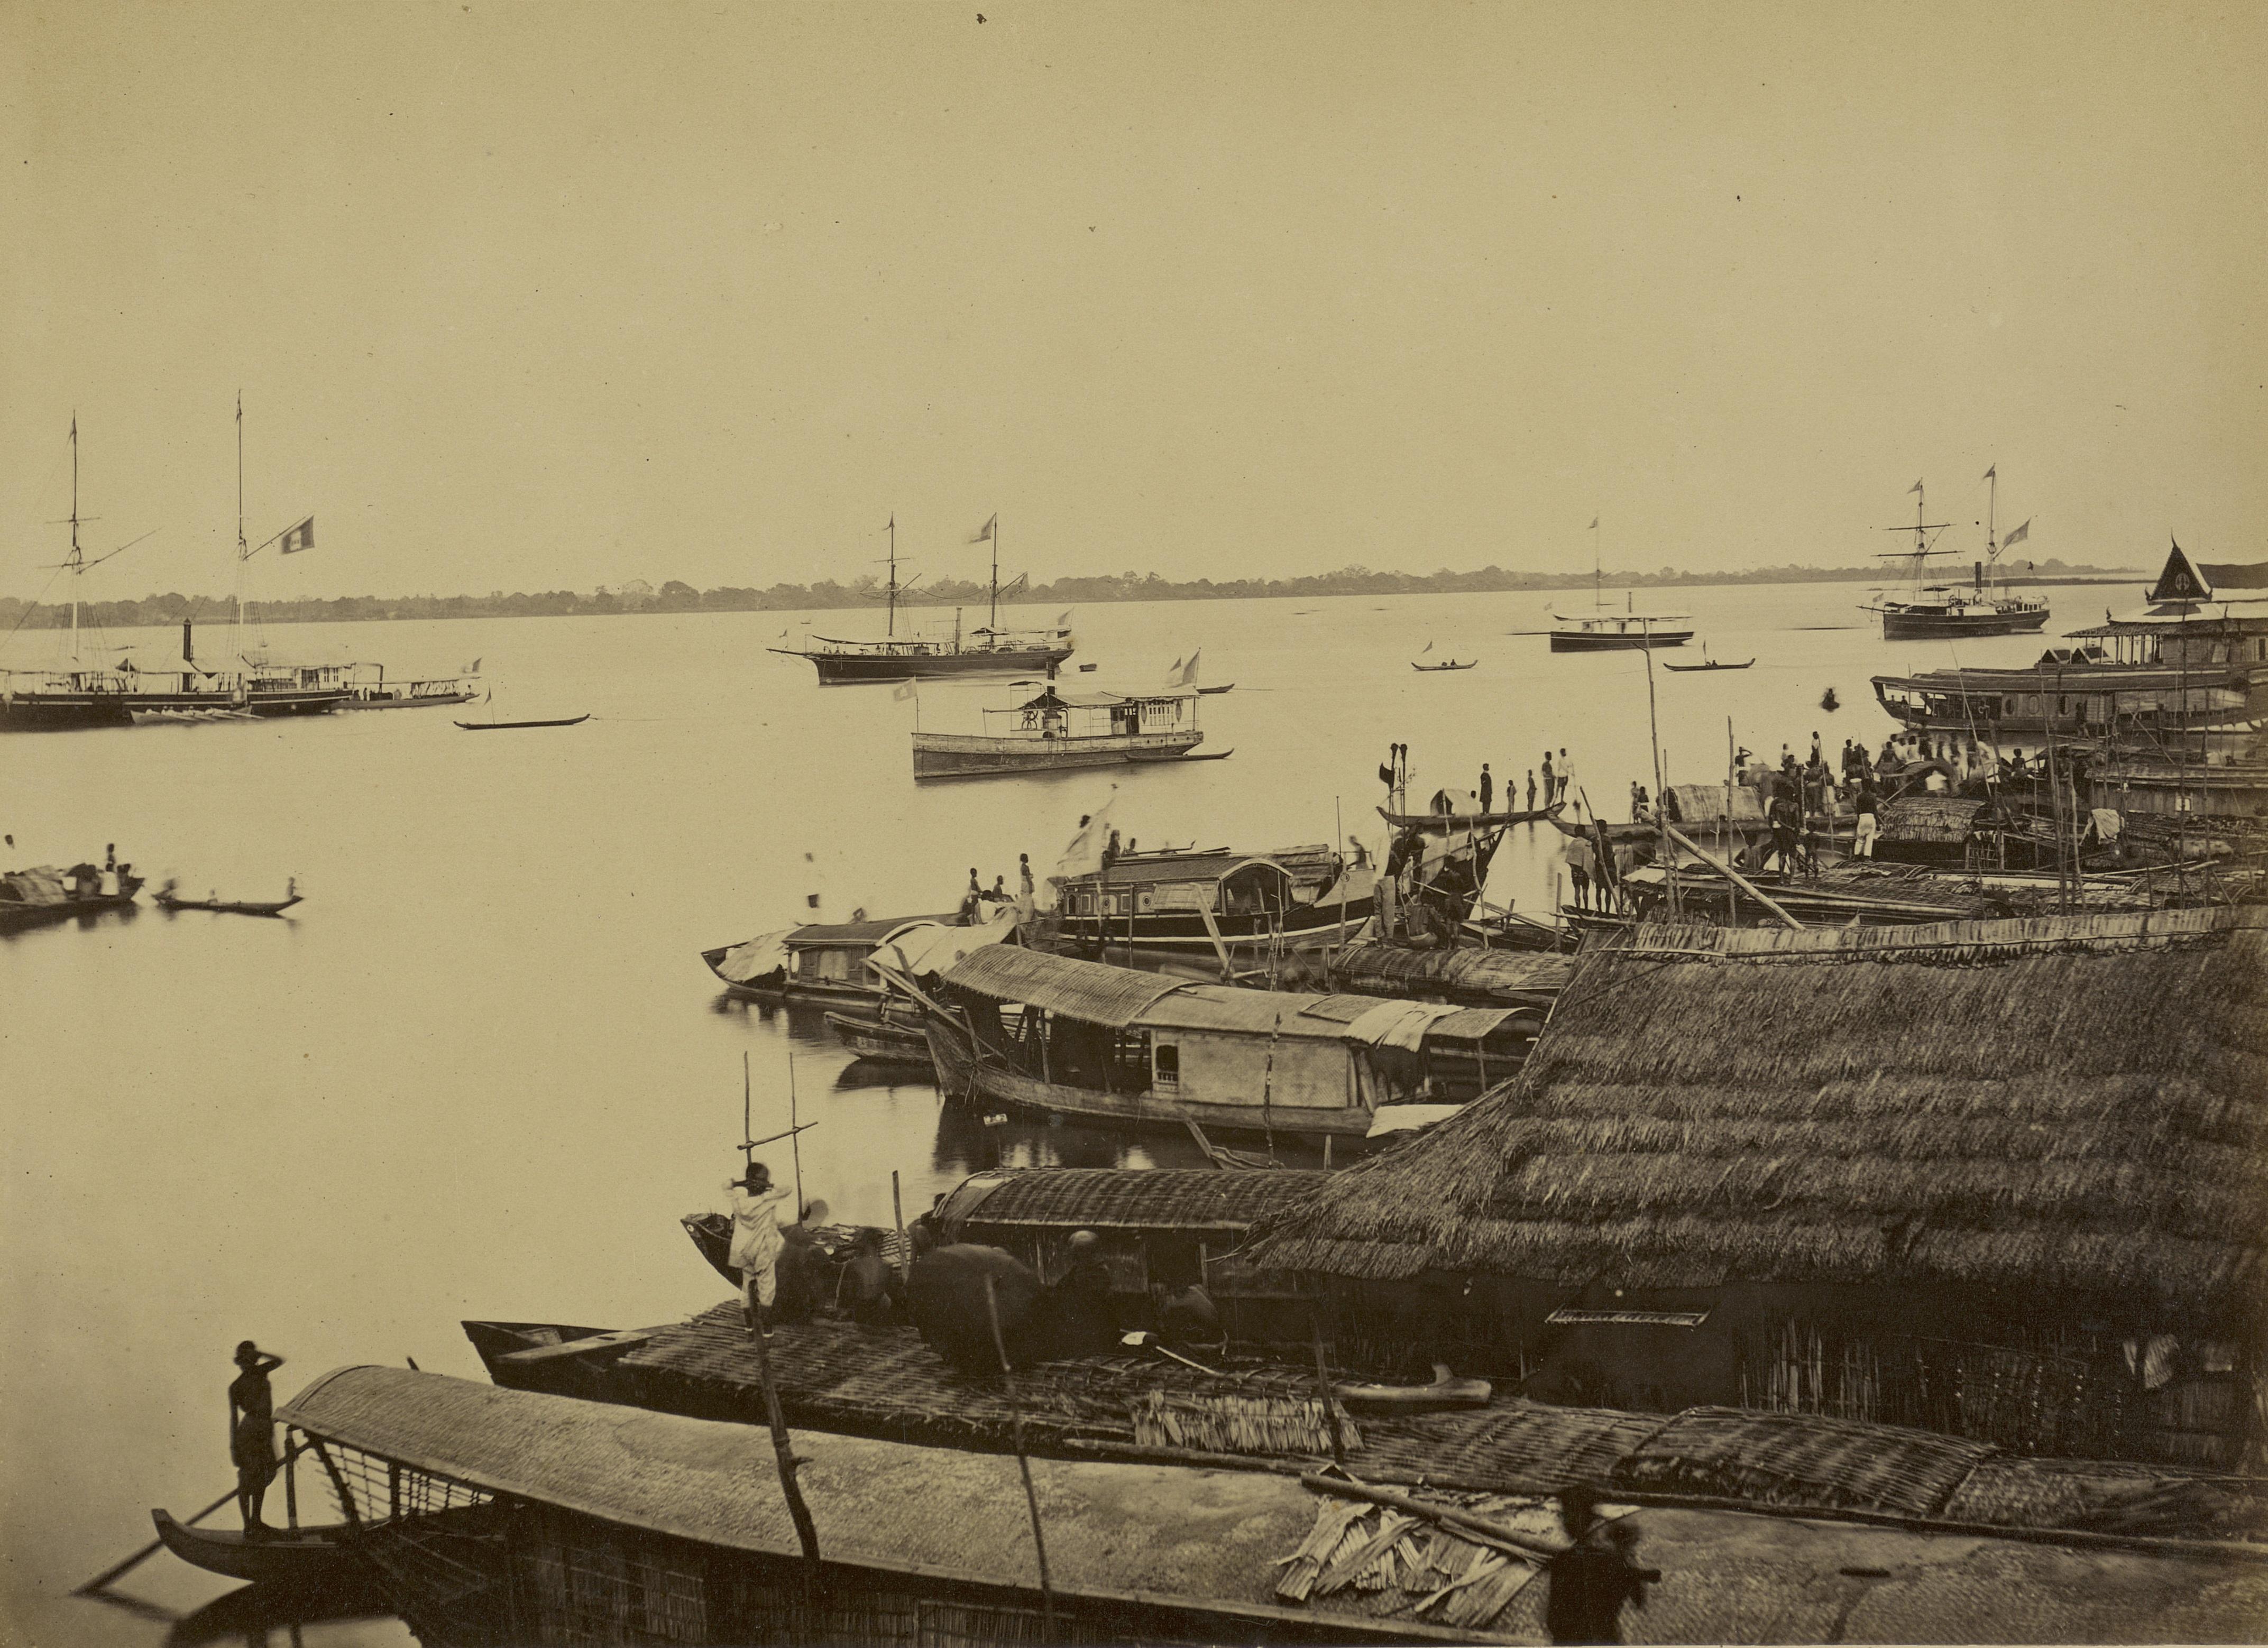 Sur le mékong, en rade de Phnom Penh, 1866